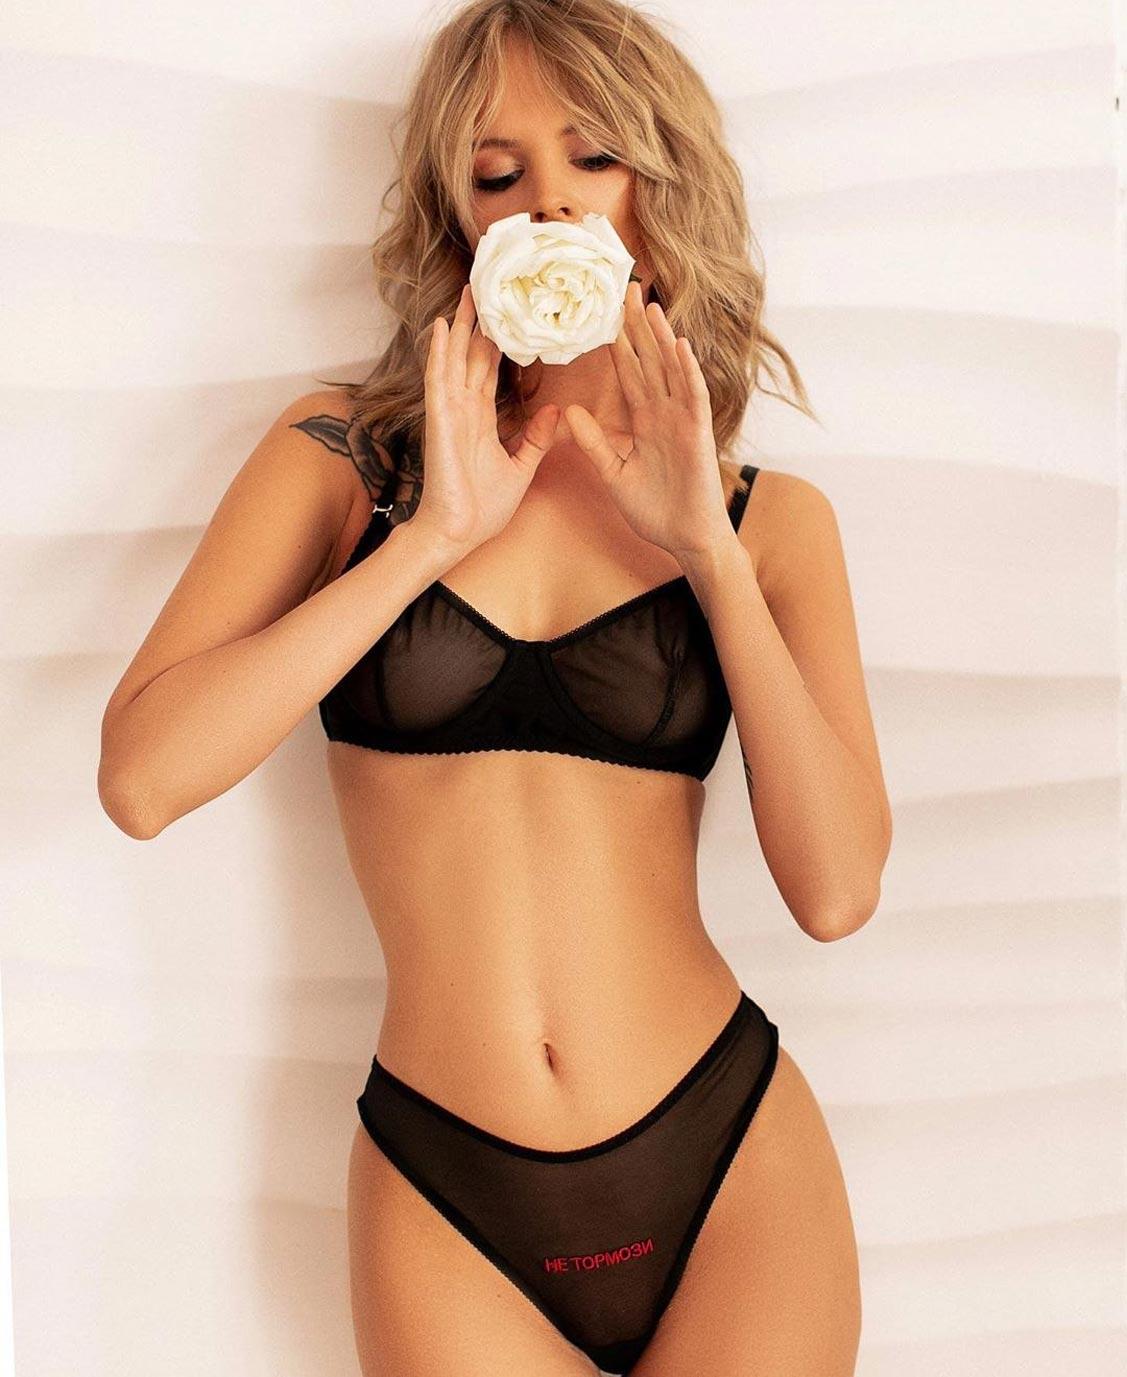 Анастасия Щеглова в нижнем белье торговой марки MissX / фото 11